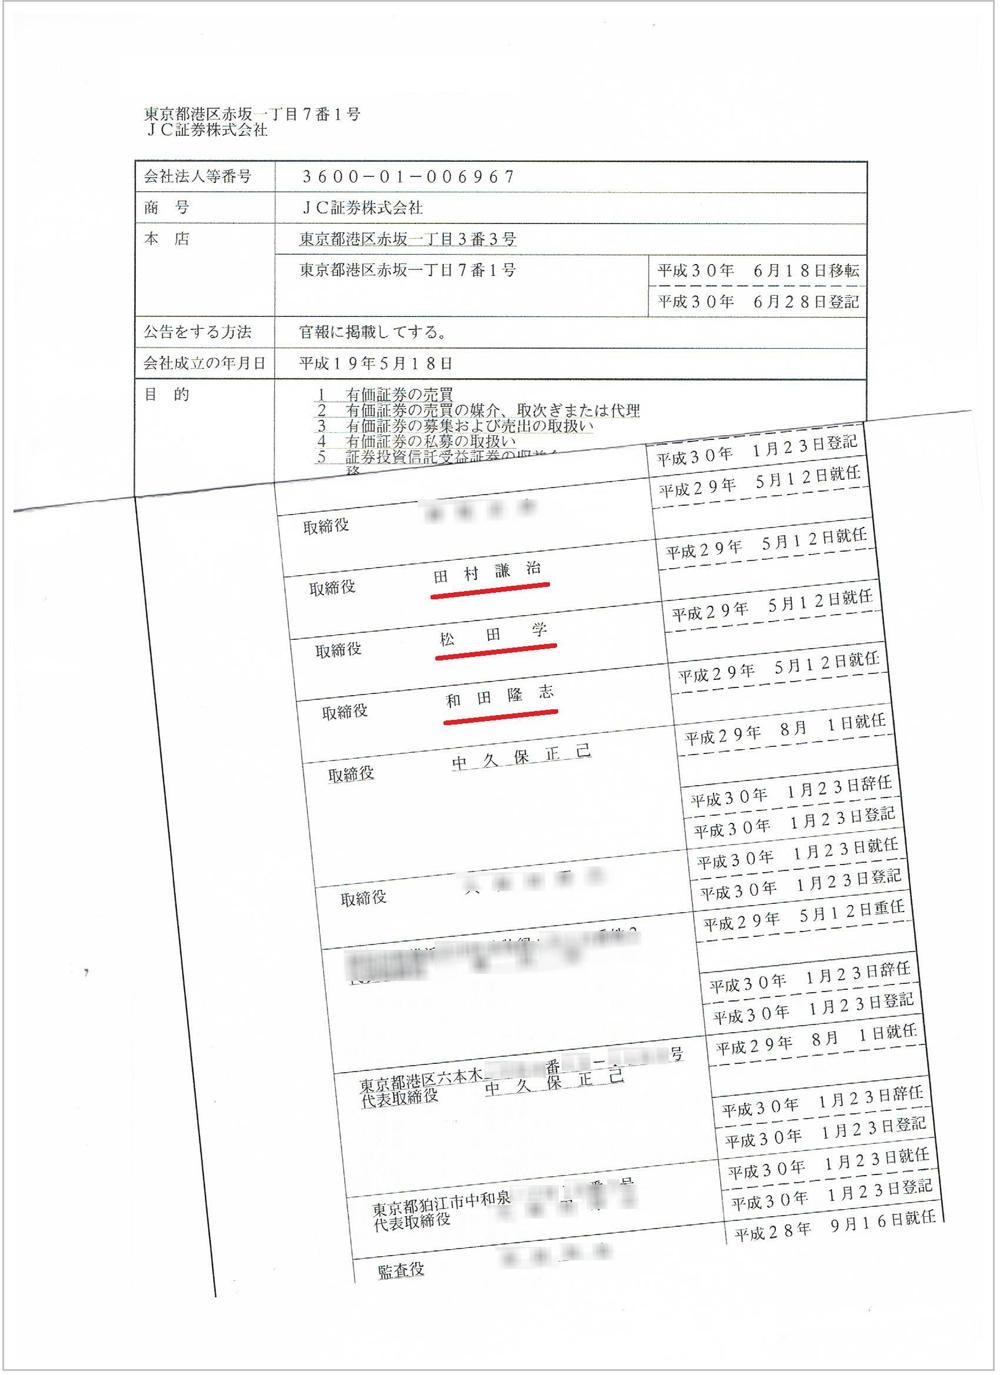 http://hunter-investigate.jp/news/2018/07/04/20180704_h01-02.jpg